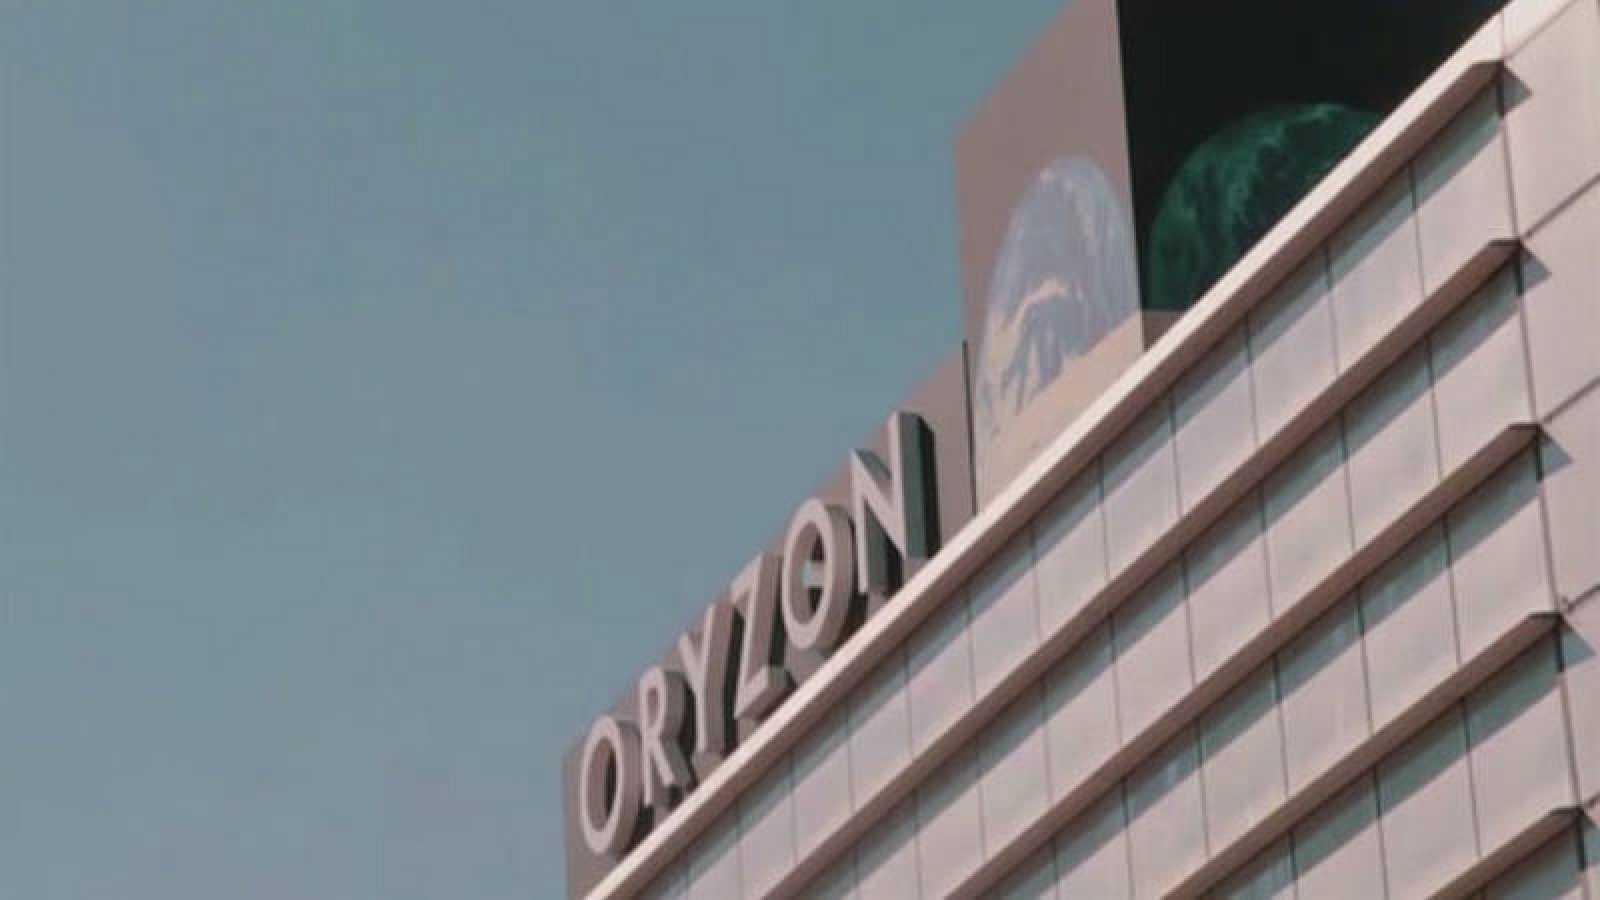 Imagen corporativa de un edificio de la farmacéutica Oryzon Genomics